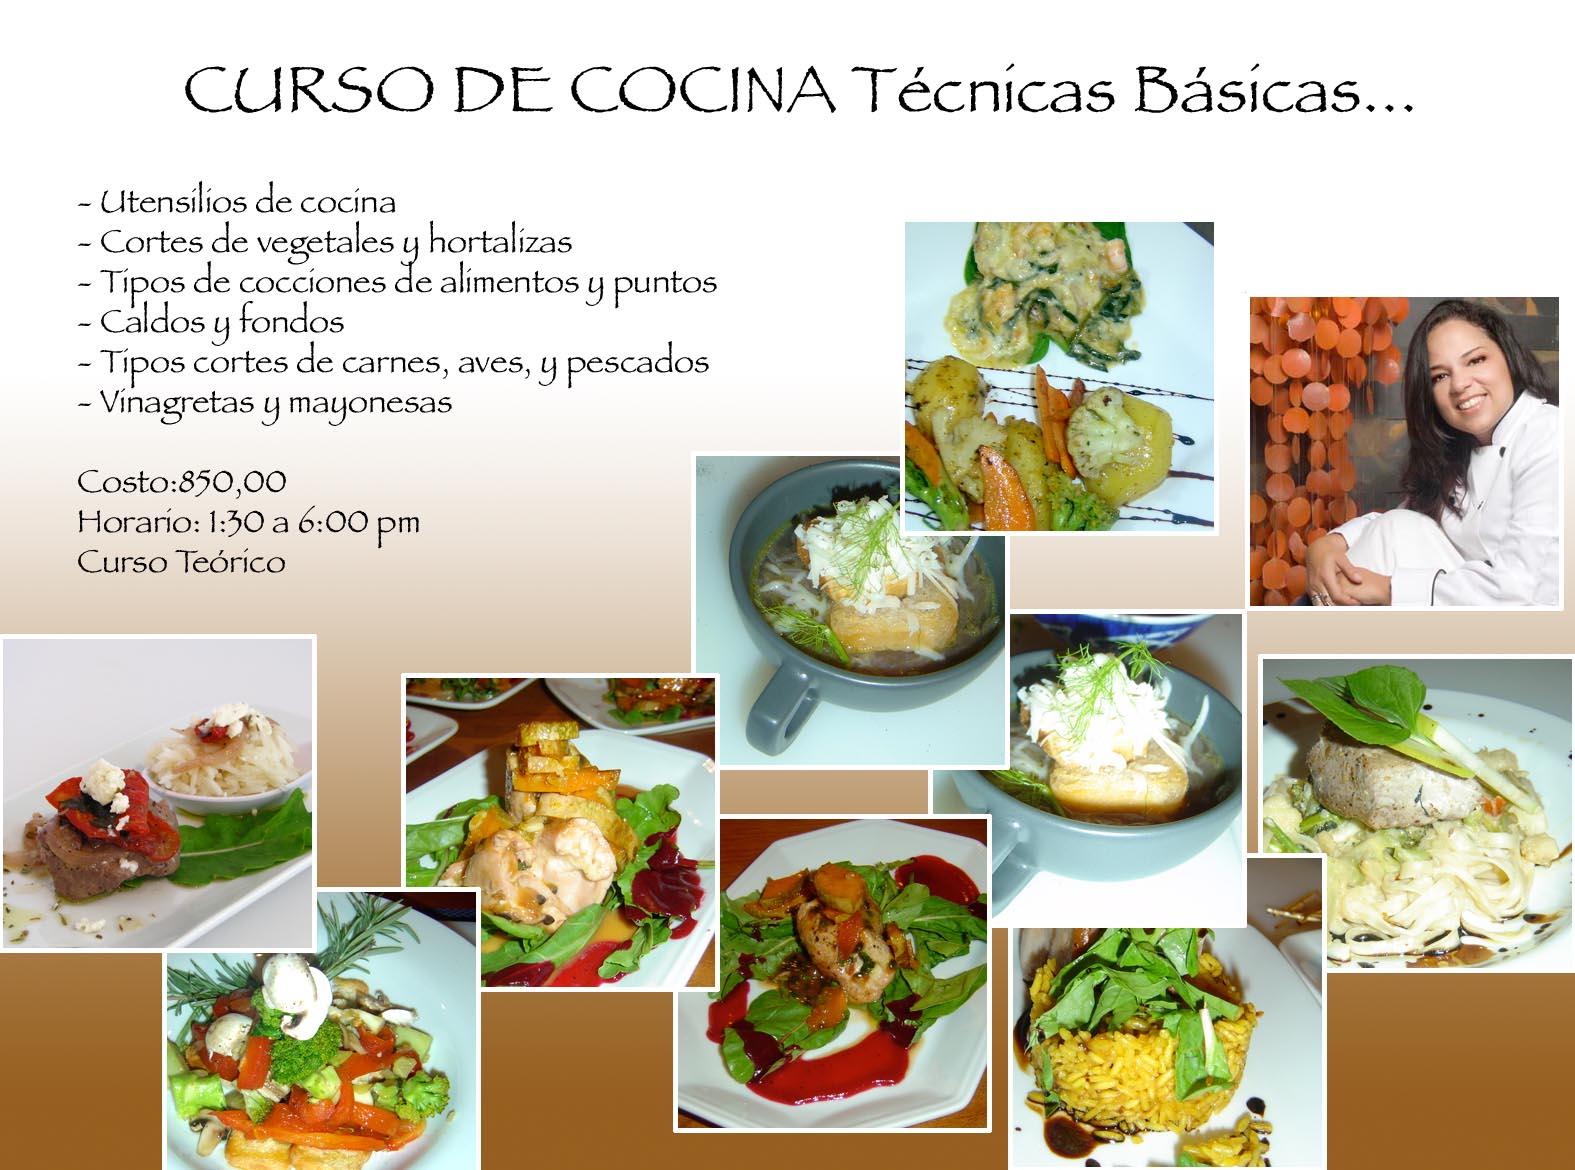 Postresandcakesbylu en el mes de noviembre cursos - Tecnicas basicas de cocina ...